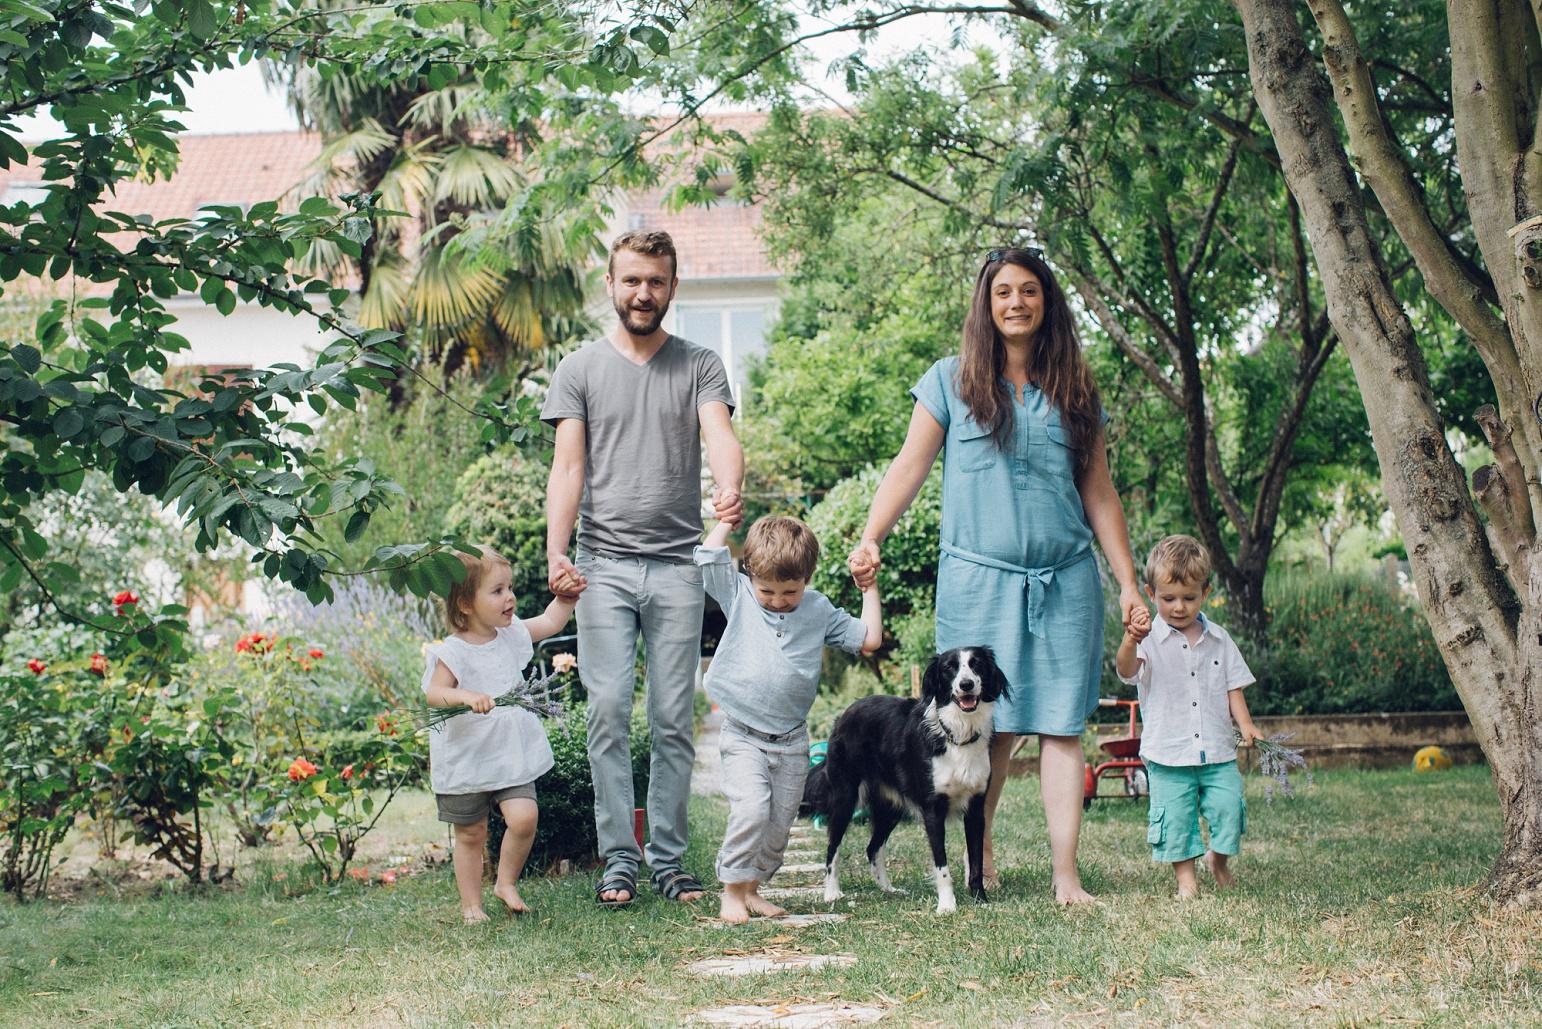 katerynaphotos-mariage-photographe-paysdelaloire-lemans-sarthe-sud_0710.jpg